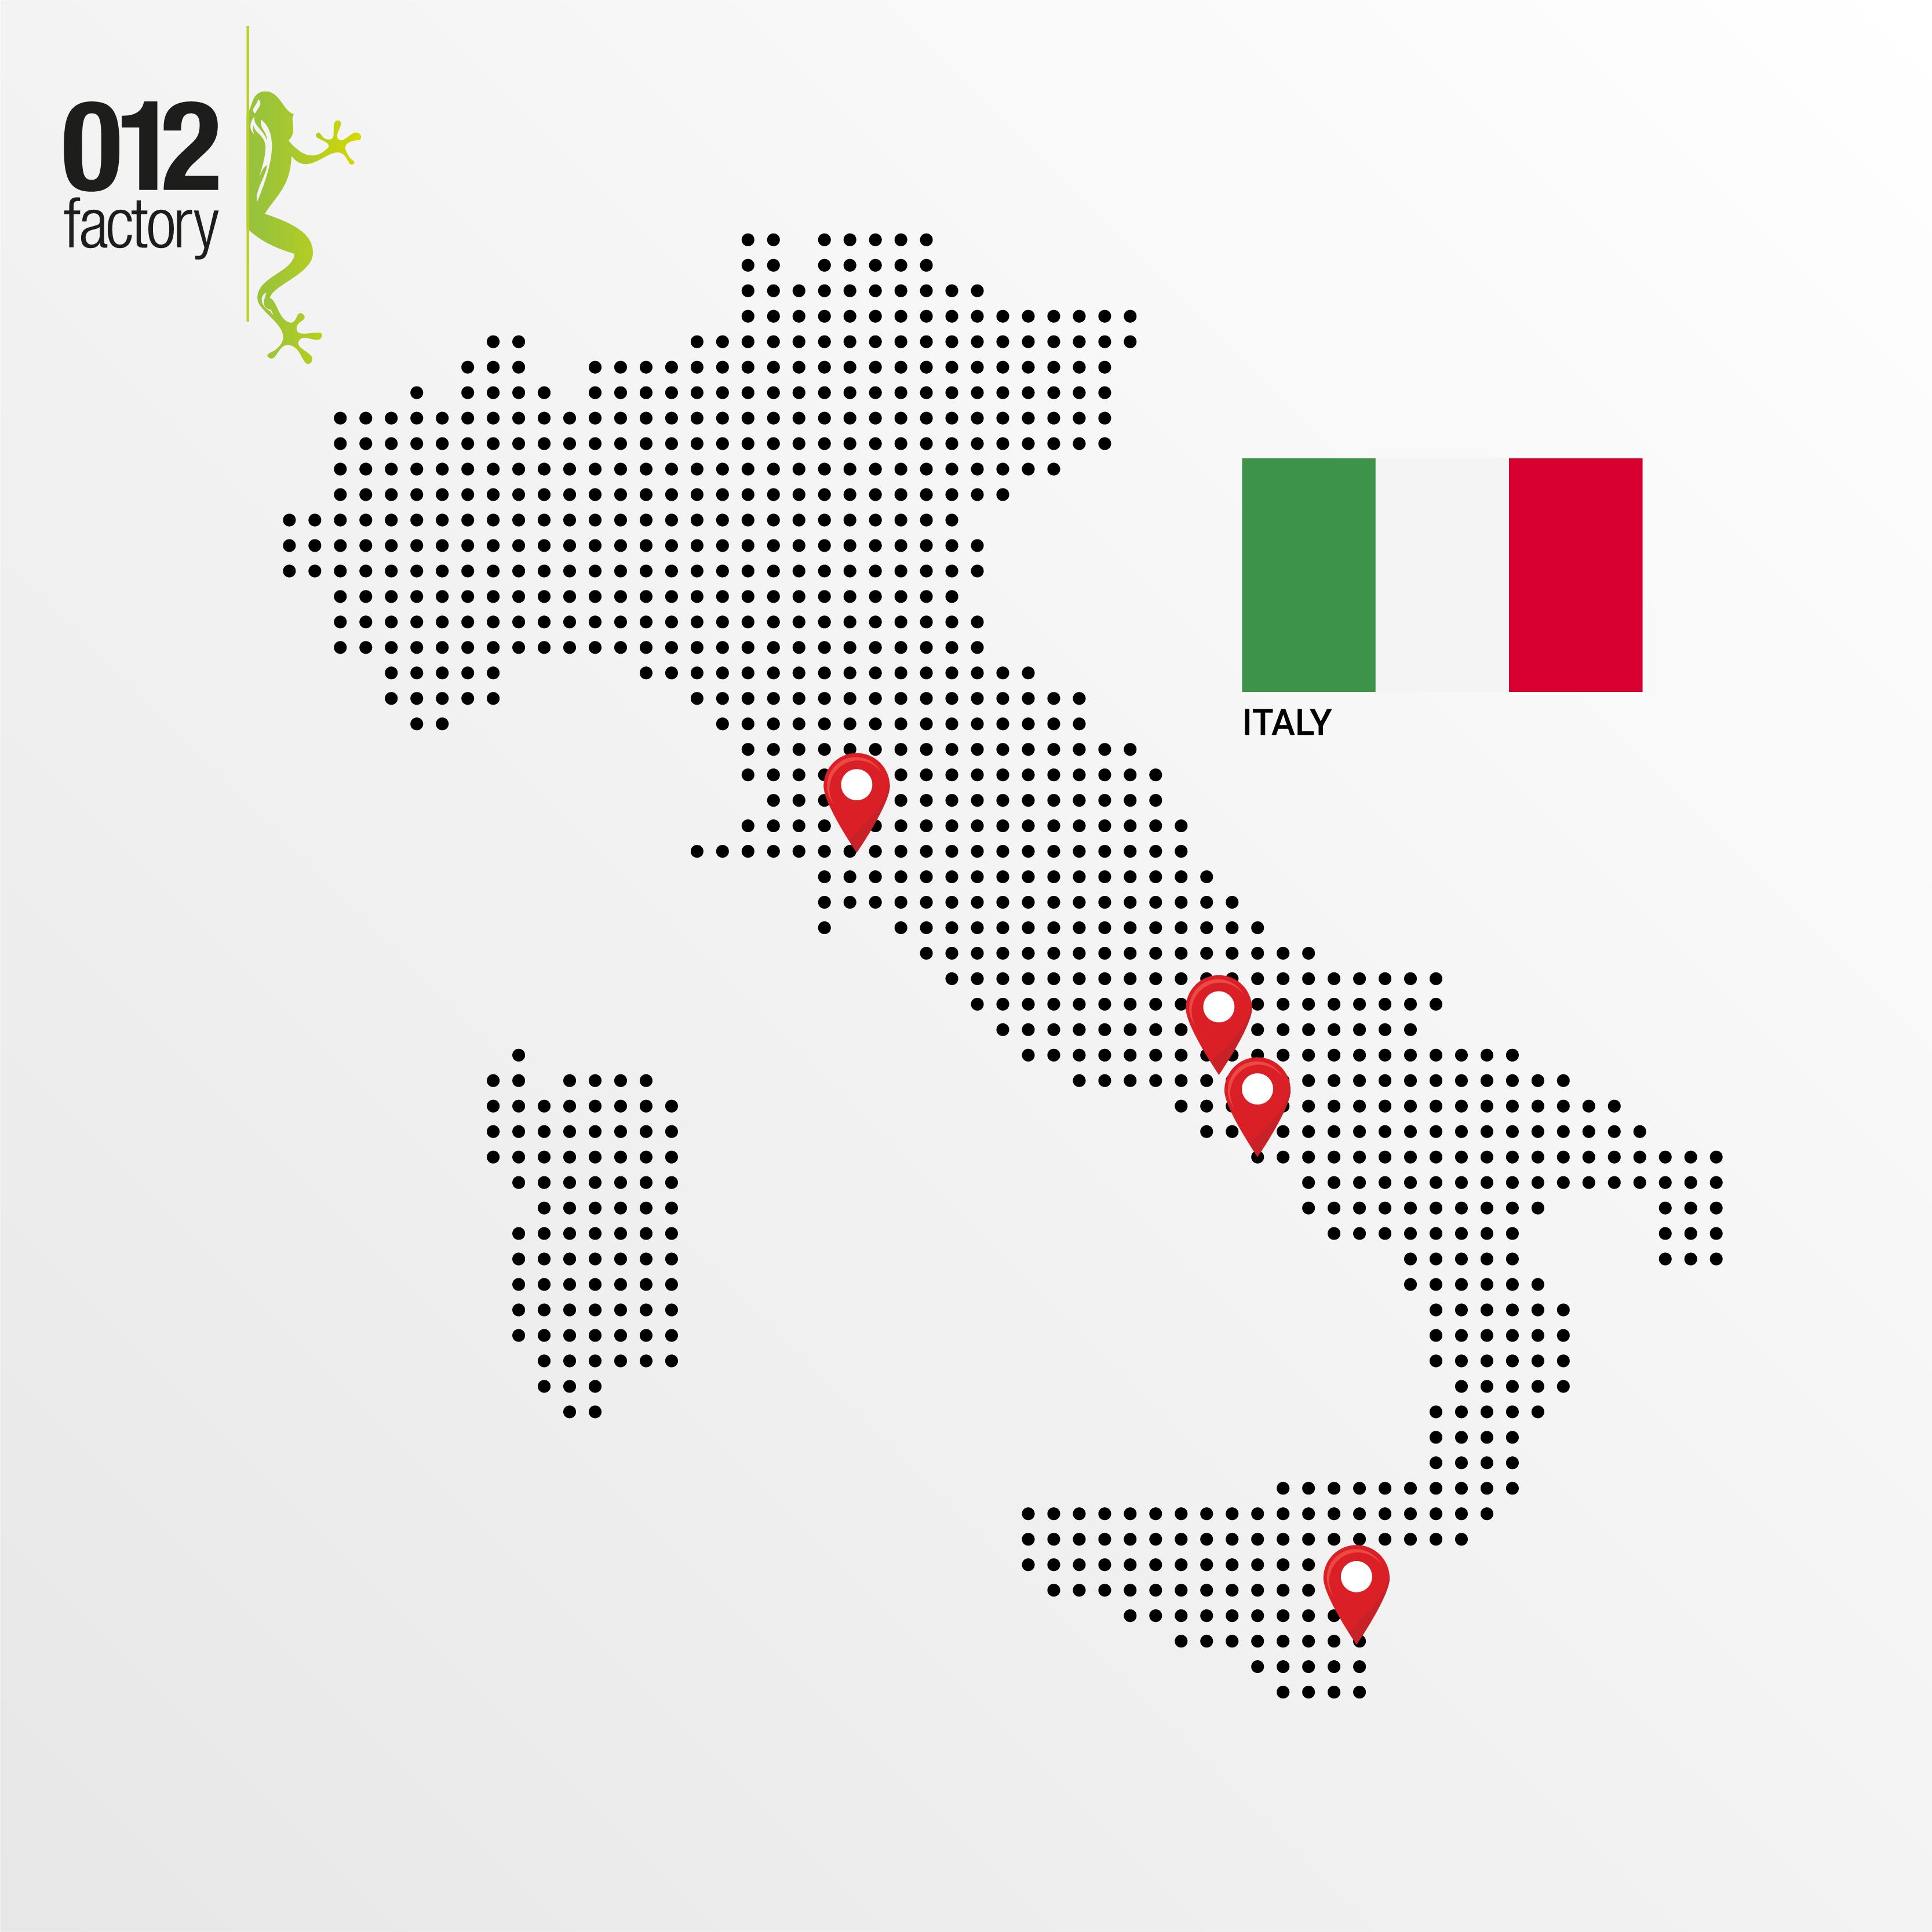 dd788328 72d8 76a9 1947 53dcfa017796 NASCE 012 TECH, PRIMO CONSORZIO ITALIANO DI STARTUP